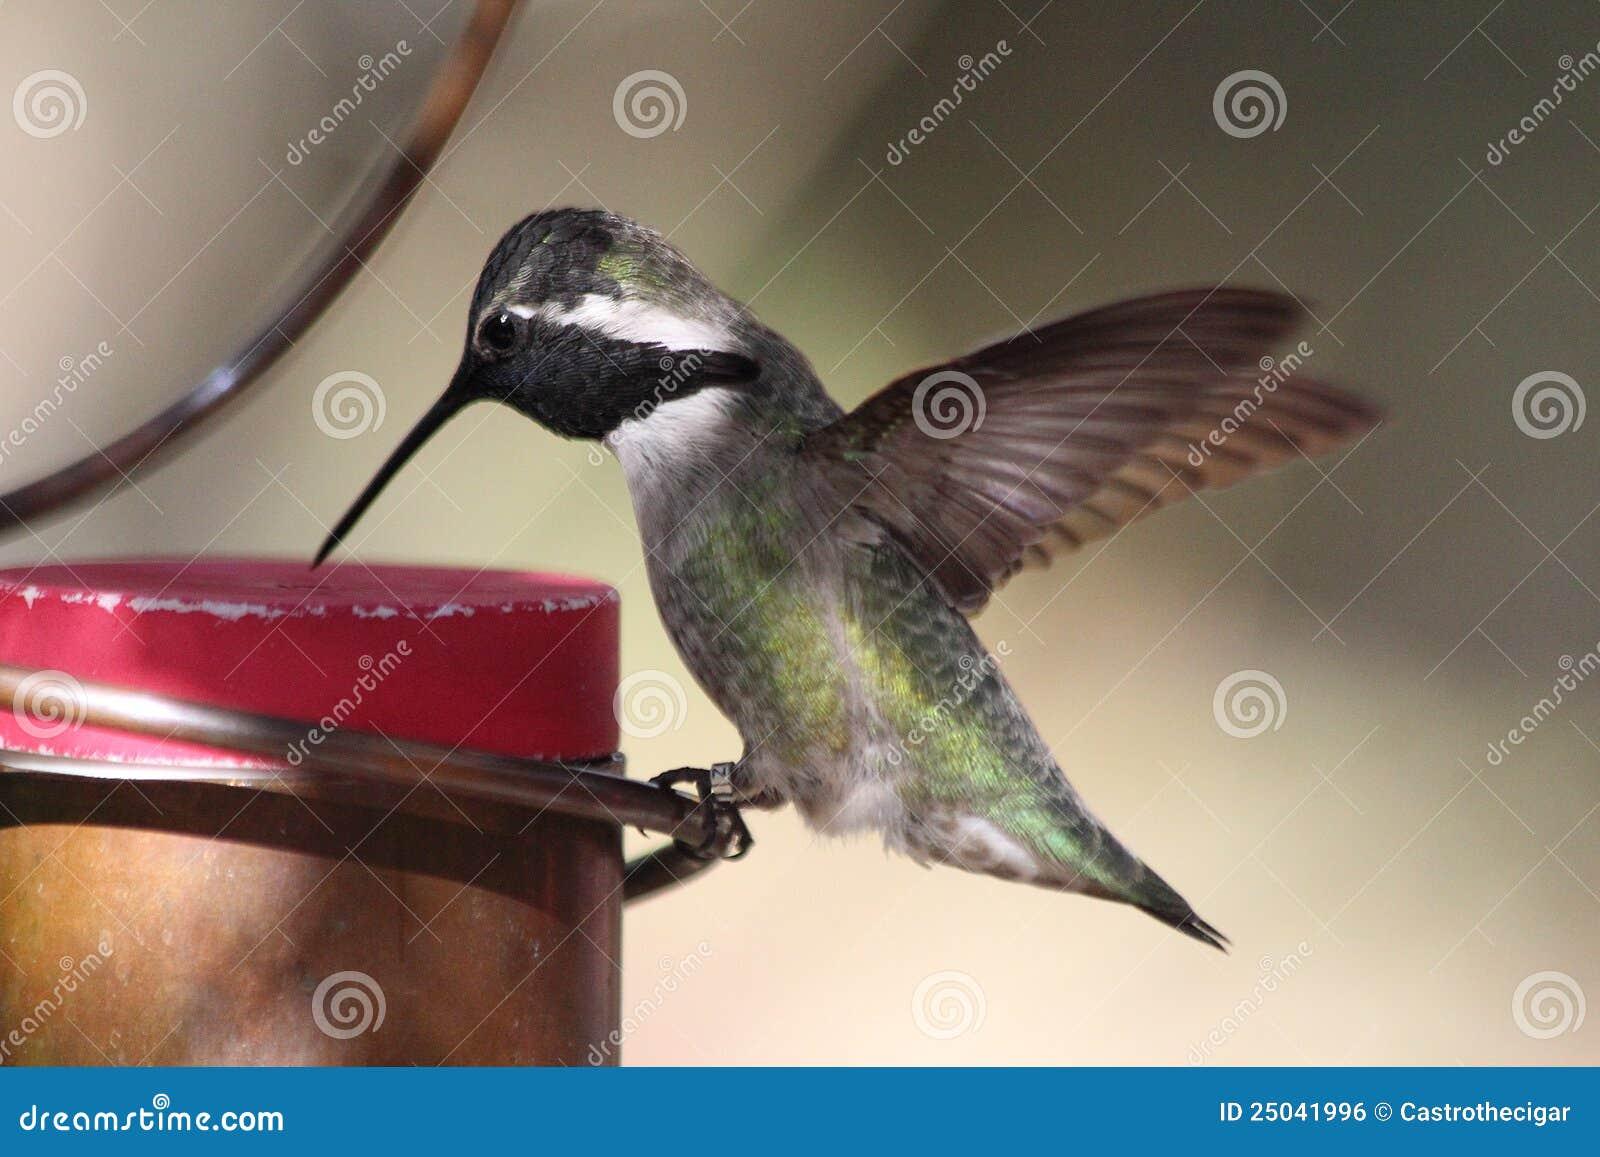 Kolibrin doppar näbb i förlagematare